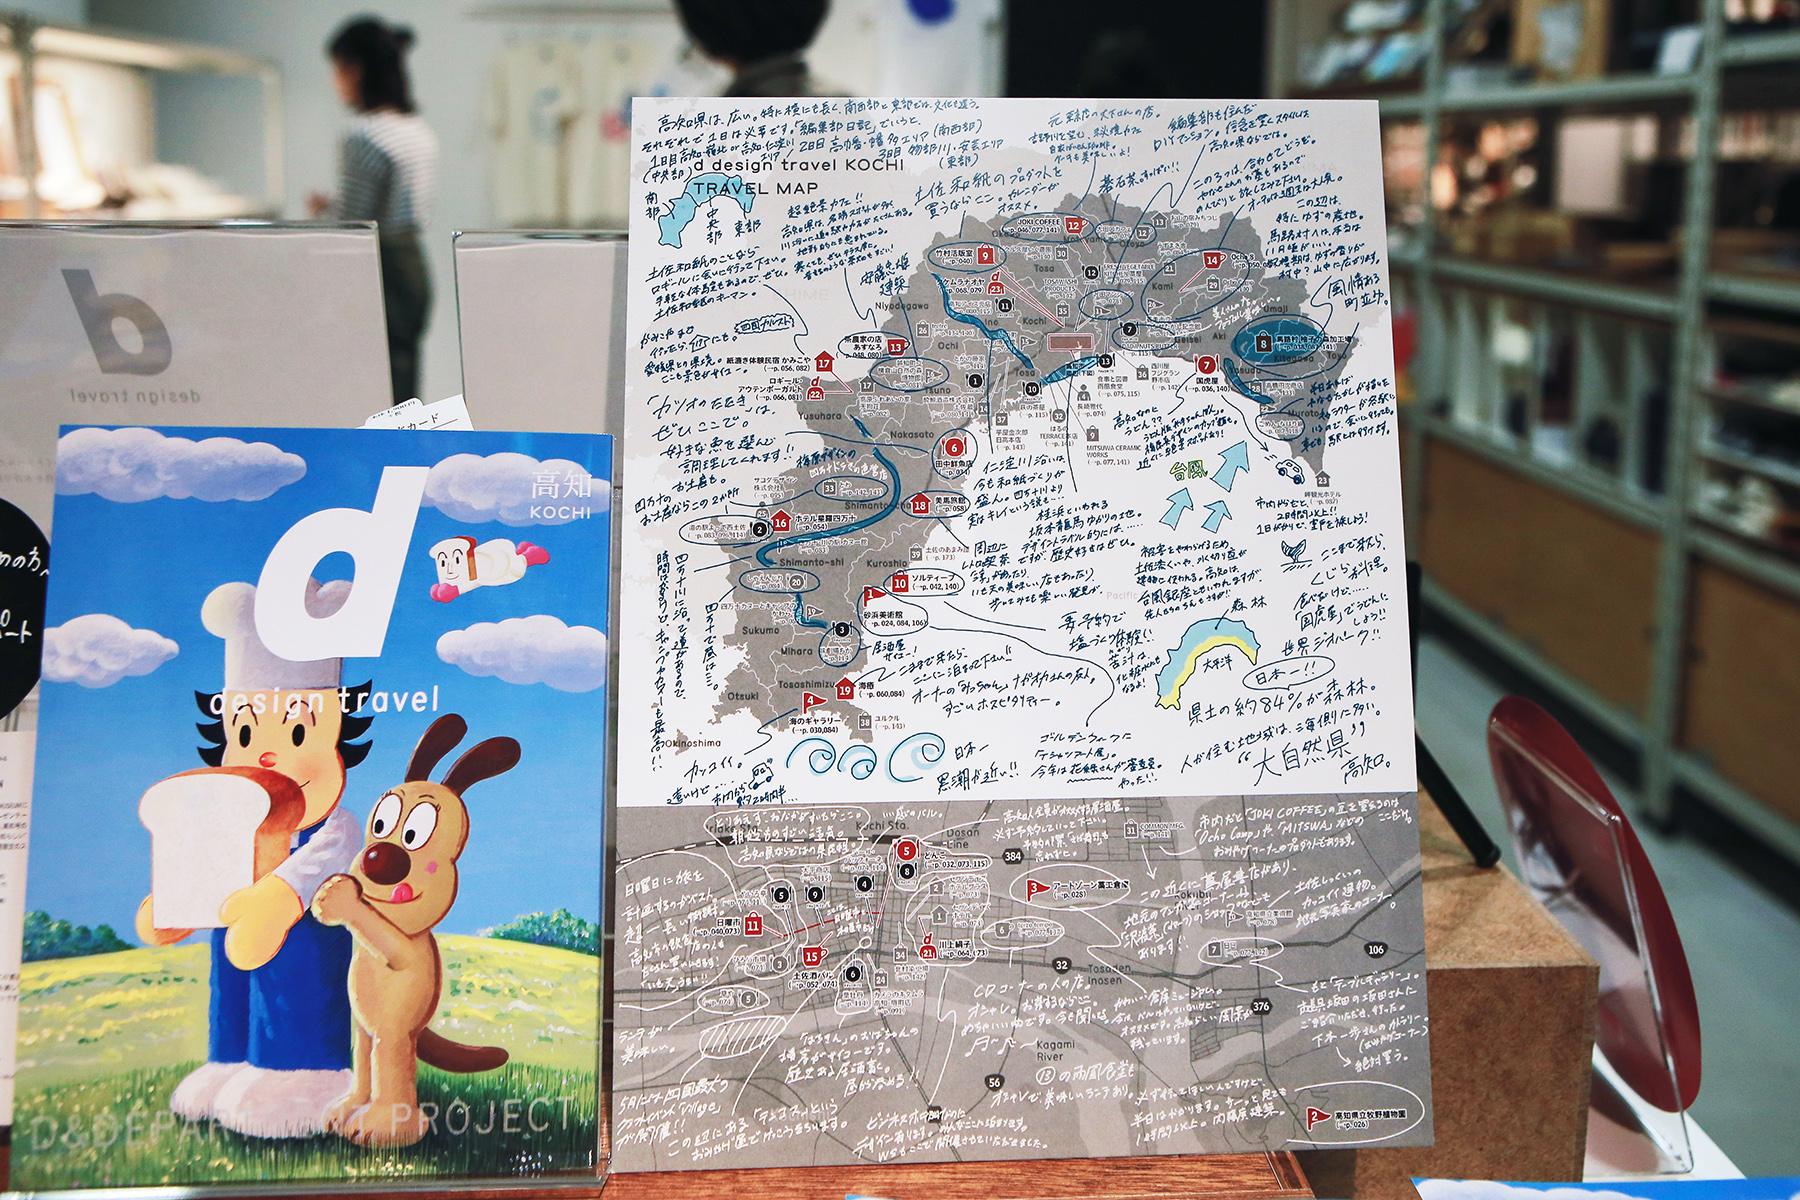 每次新刊發行,D&D都會在渋谷的d47 Meseum舉辦一檔展覽,且在食堂推出限定的地方定食,將雜誌內容實體化。展覽現場也能一賭《d design travel》編輯部的手稿記錄。